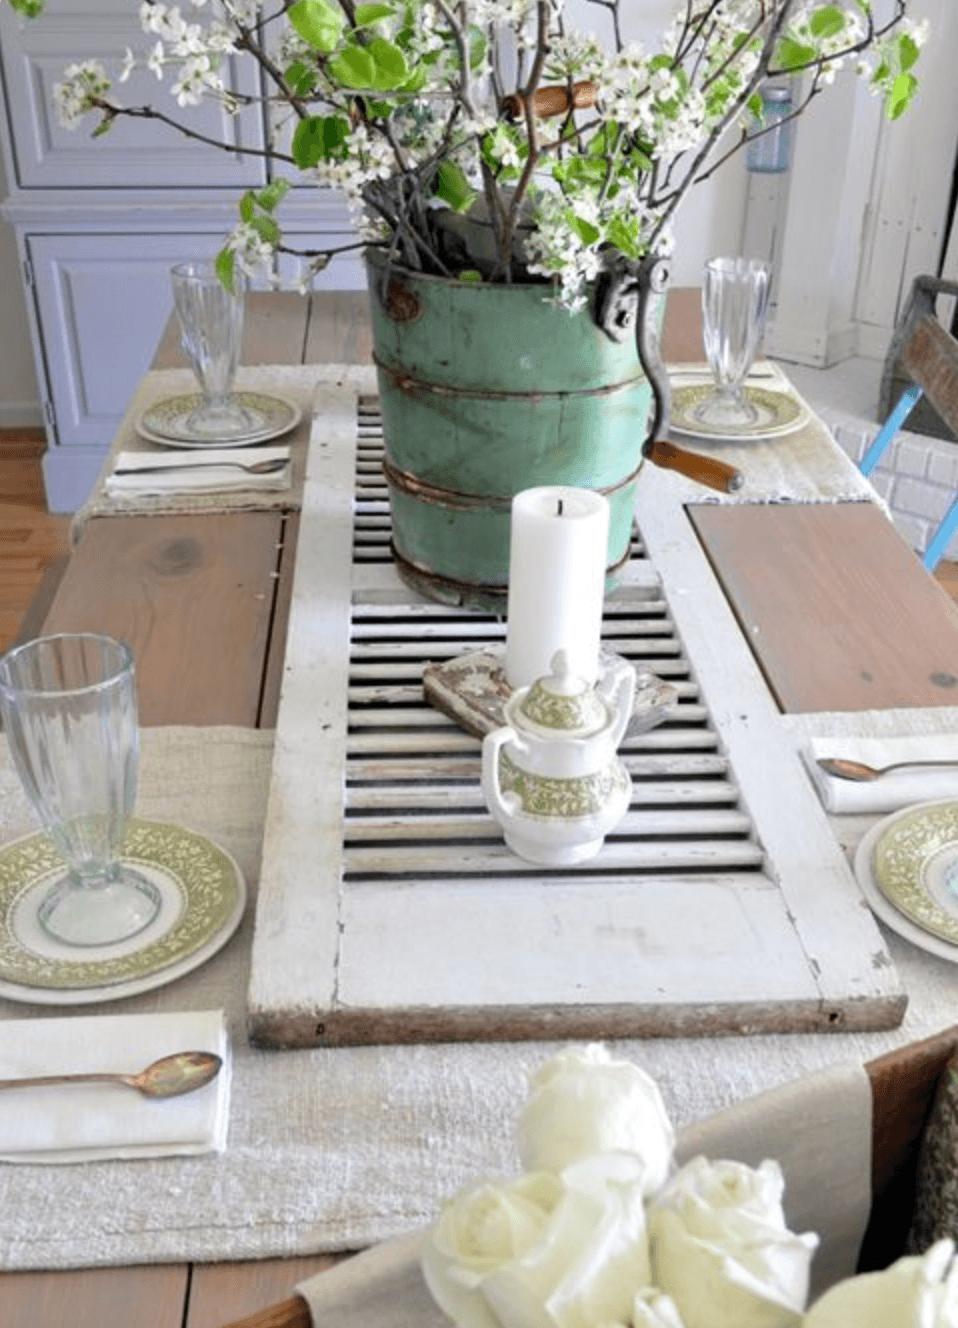 Las mejores ideas y consejos para decorar tu casa sin mucho dinero ventana